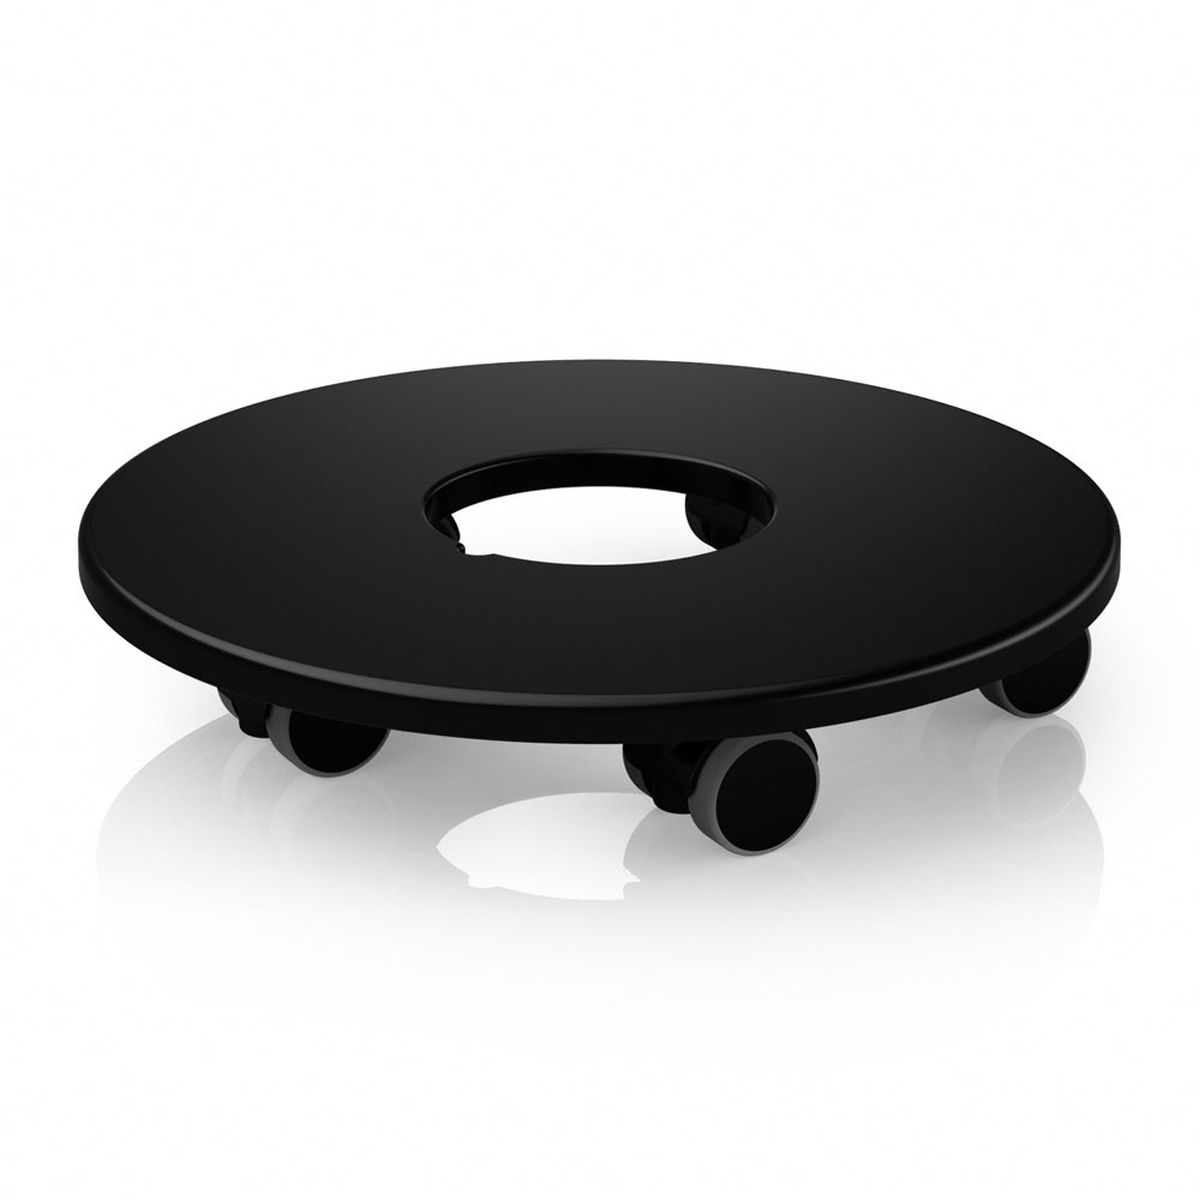 Подставка для кашпо Lechuza, на колесах, диаметр 25,5 смSS 4041Подставка Lechuza, выполненная из высококачественного пластика, предназначено для кашпо из серий Classico и Quadro. Изделие оснащено пятью прорезиненными колесами. Такая подставка обеспечивает объемным и тяжелым кашпо мобильность во всех направлениях. С помощью передвижной подставки Lechuza, вы сможете озеленить любой уголок в доме, офисе, на даче или любых общественных местах.Диаметр поставки: 25,5 см.Внутренний диаметр: 10 см.